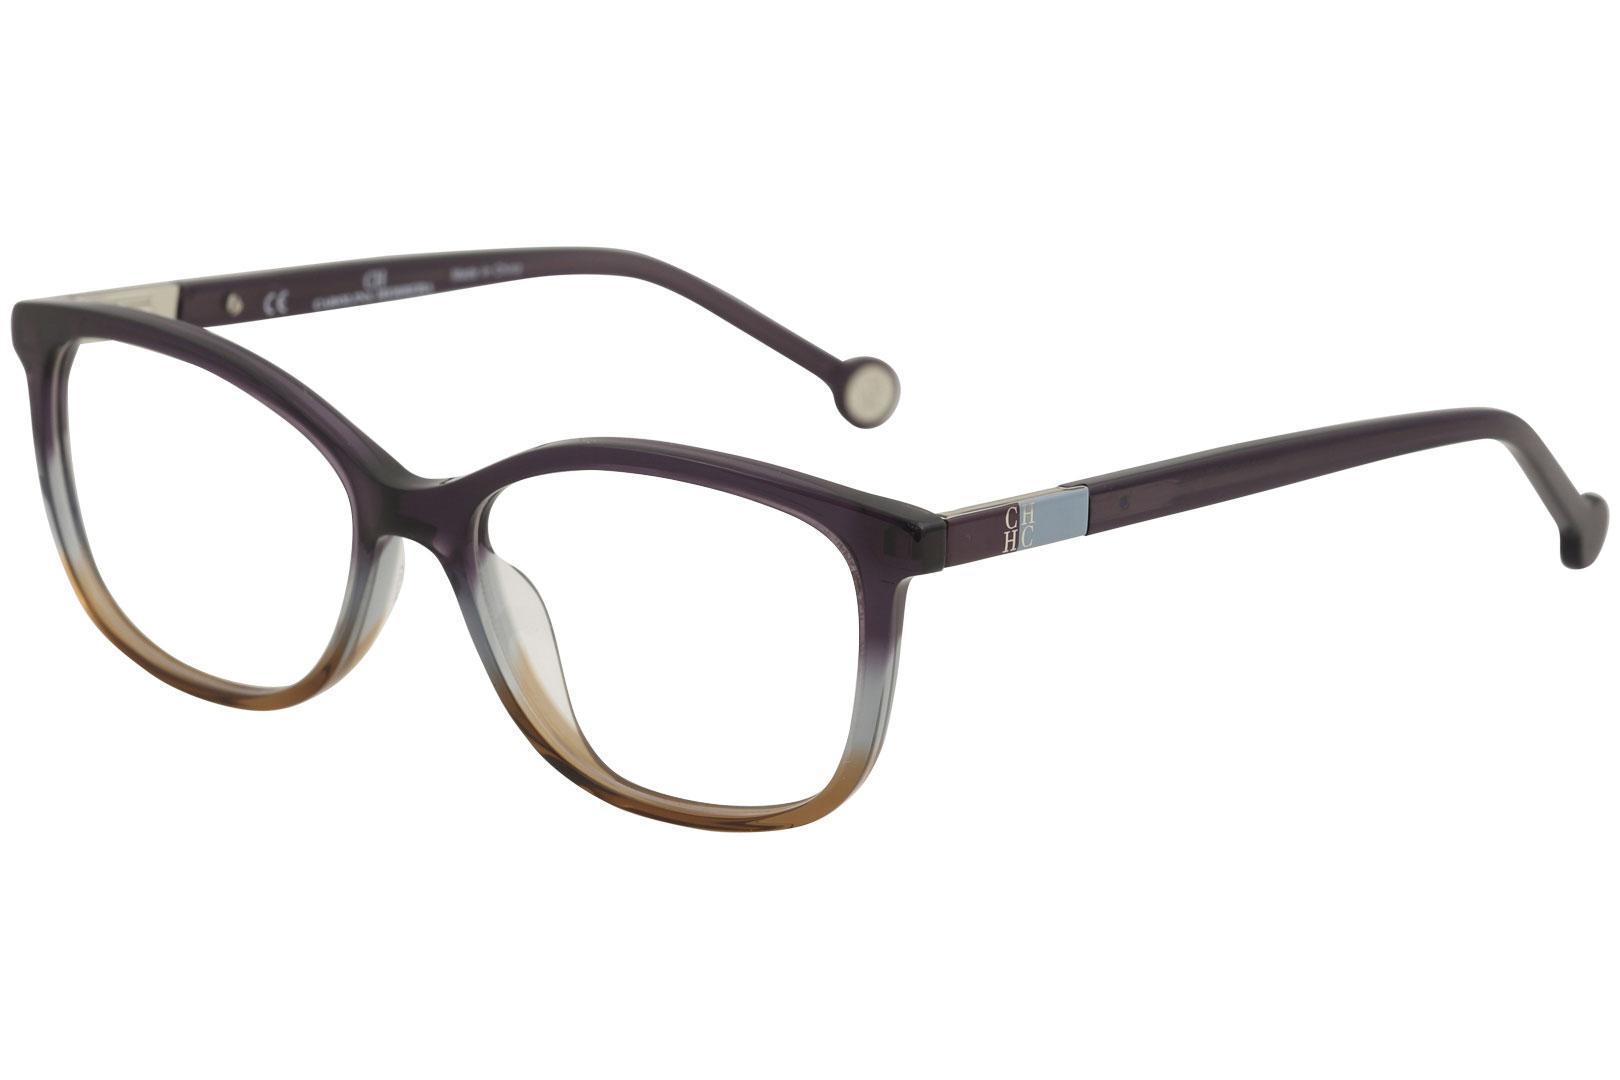 5f9c3d34f6 CH Carolina Herrera Women s Eyeglasses VHE674K VHE 674K Full Rim Optical  Frame